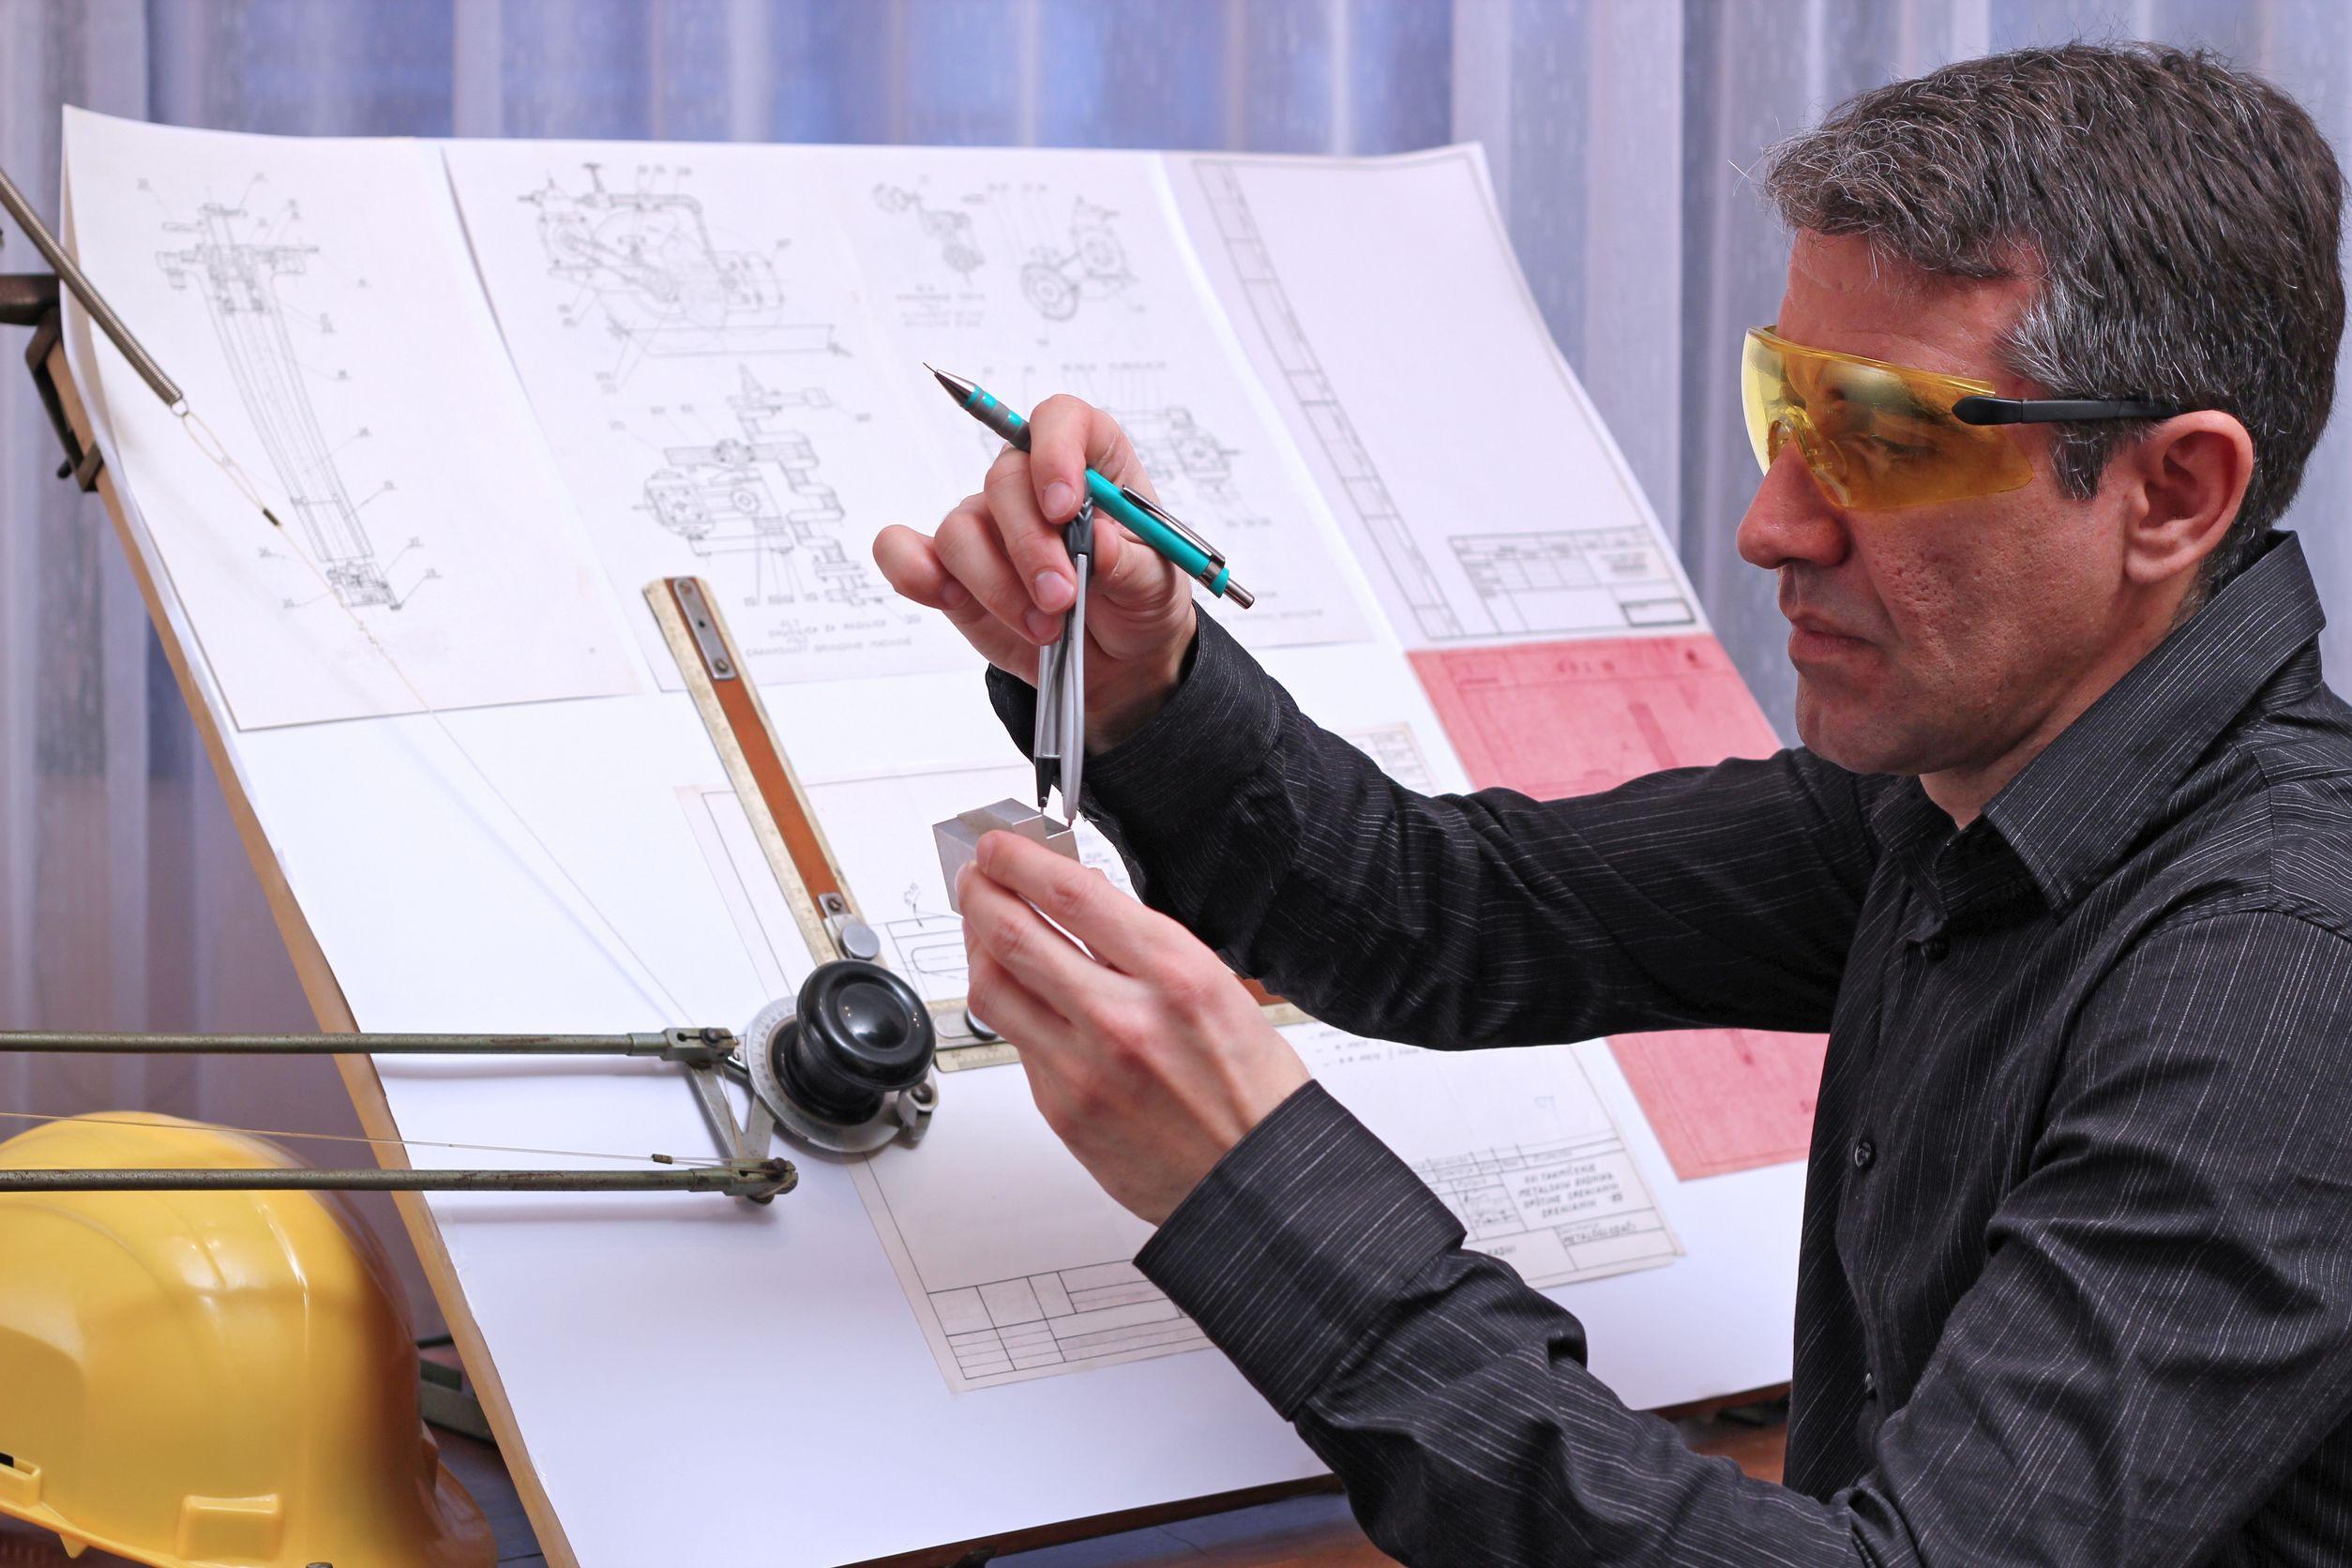 Medición de las dimensiones del modelo de metal con una pinza divisor y mesa de dibujo